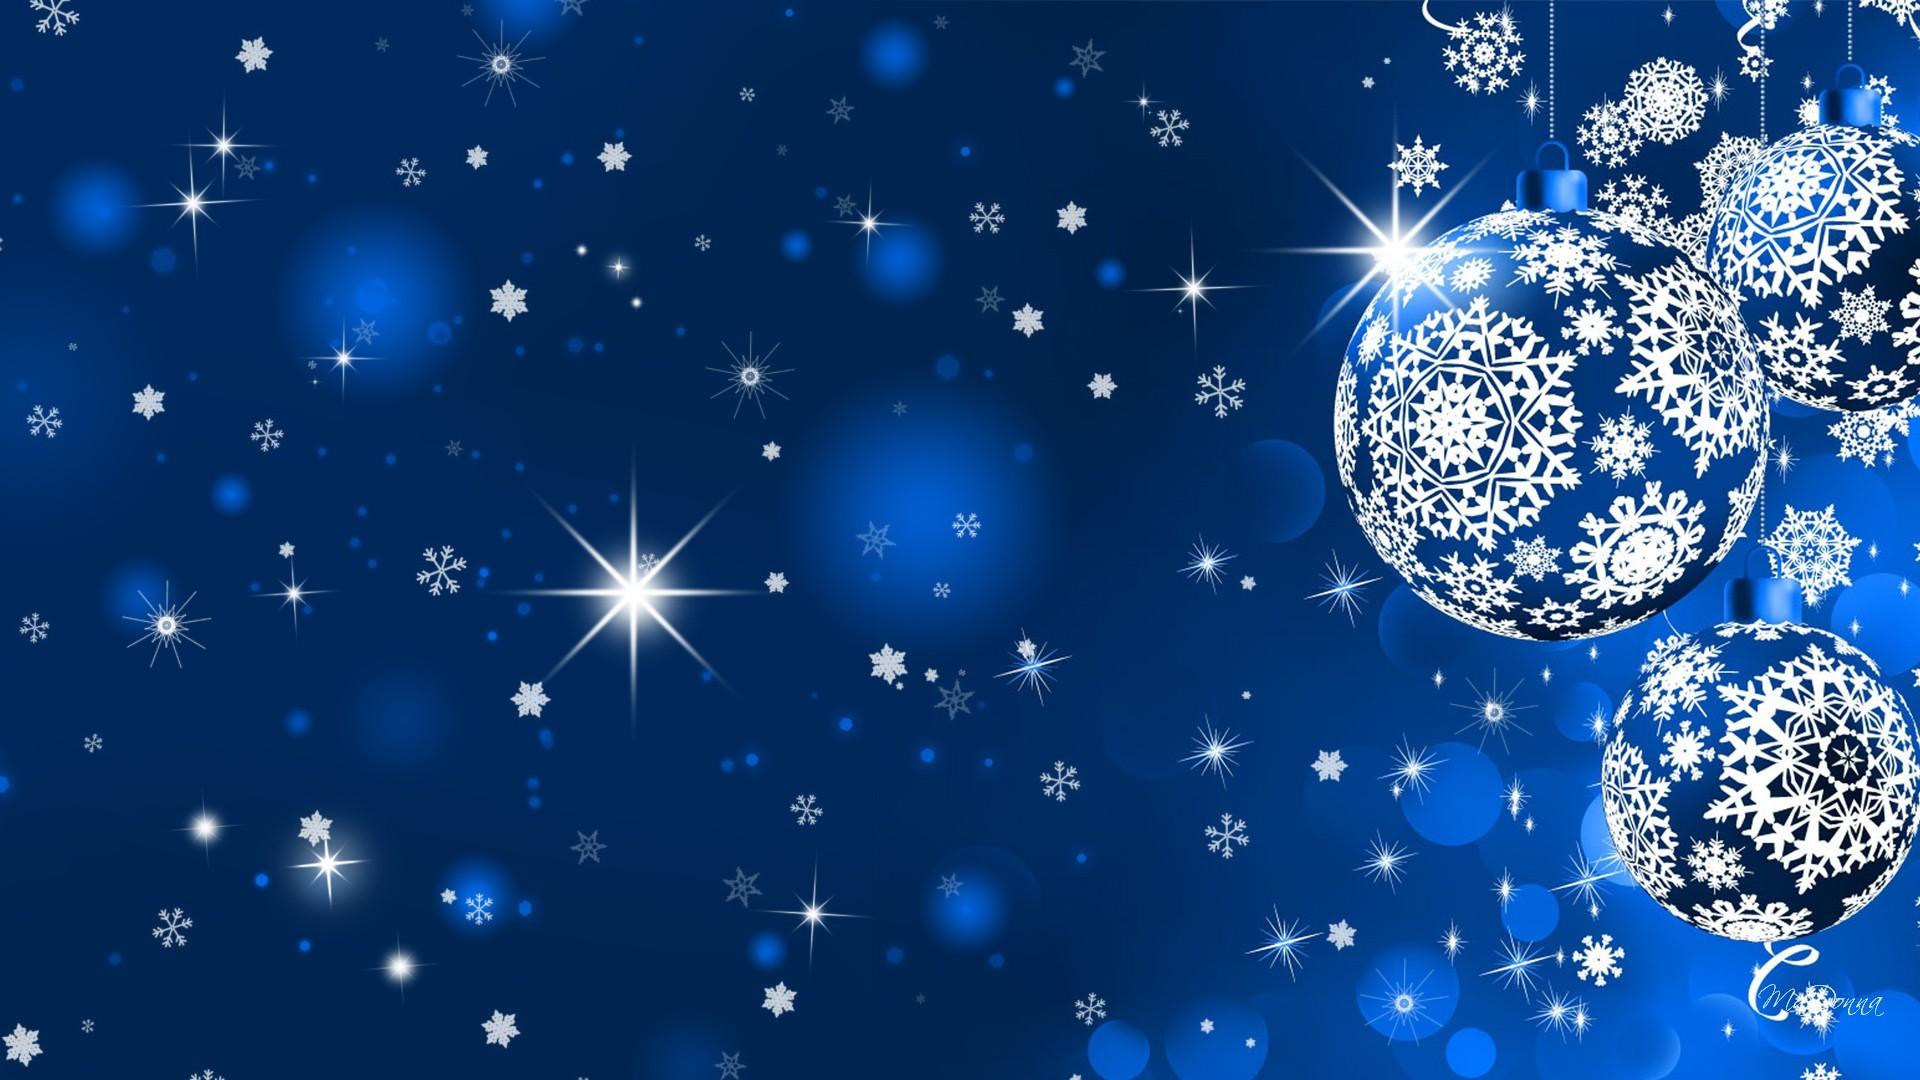 Poklidné Vánoce a pohodový nový rok 2019 modrá obloha s hvězdami